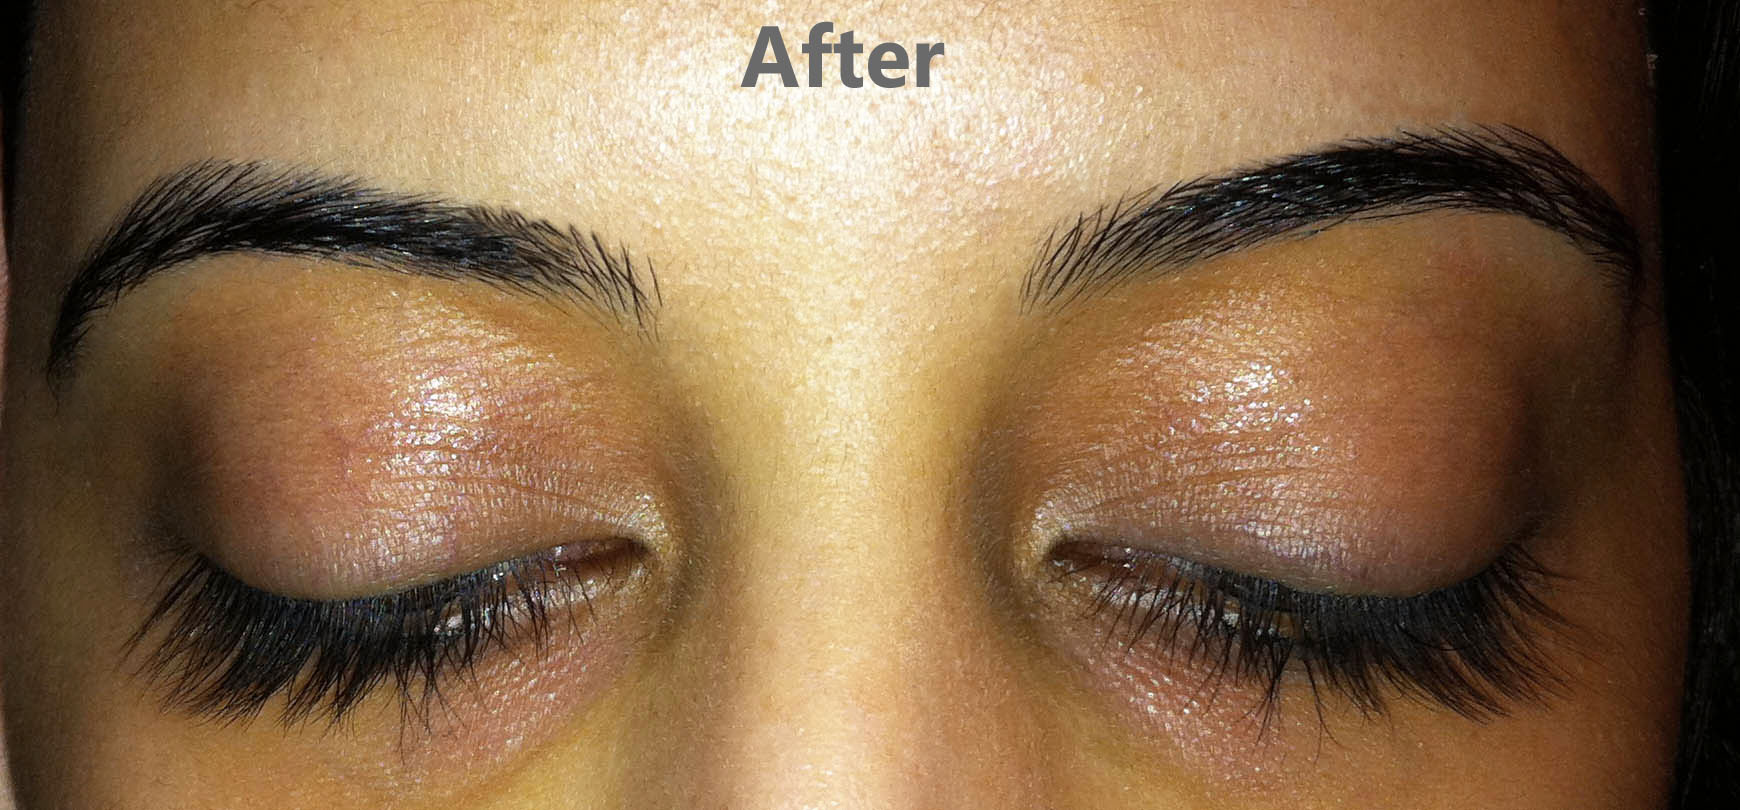 how to make facial hair golden naturally